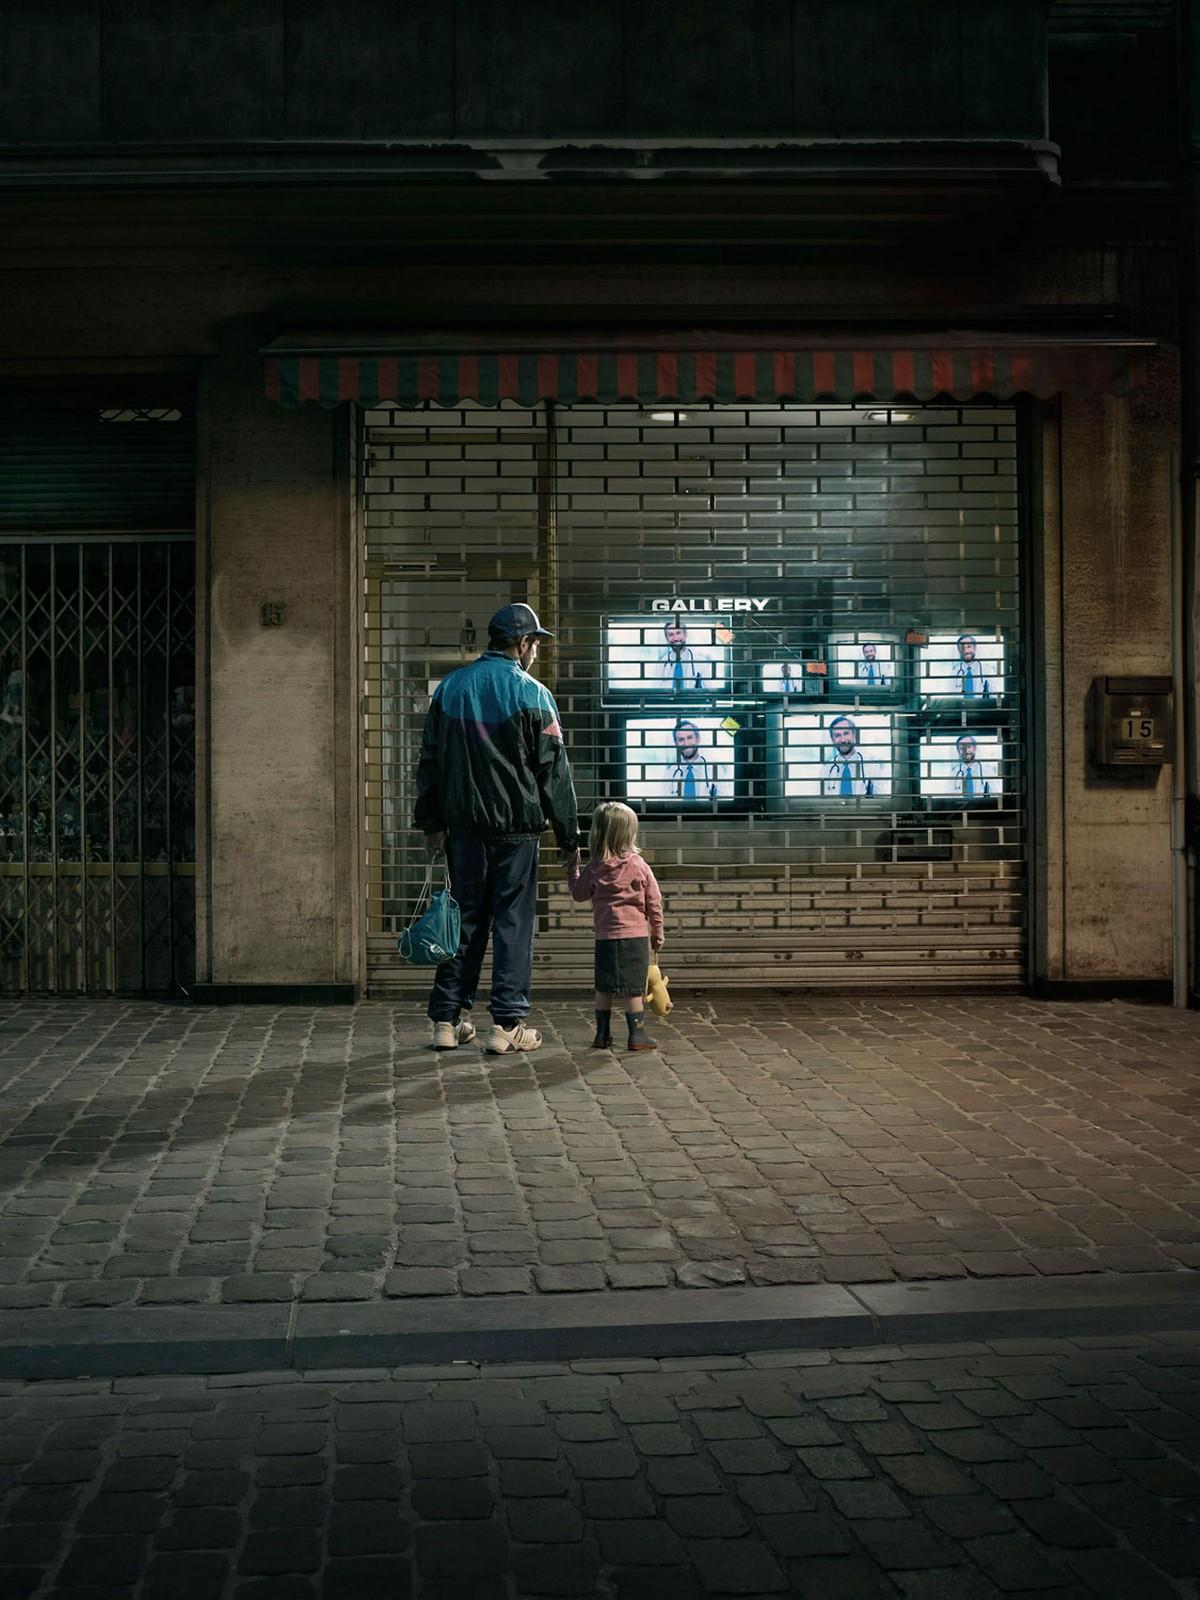 Очень атмосферные фотографии от Geert De Taeye